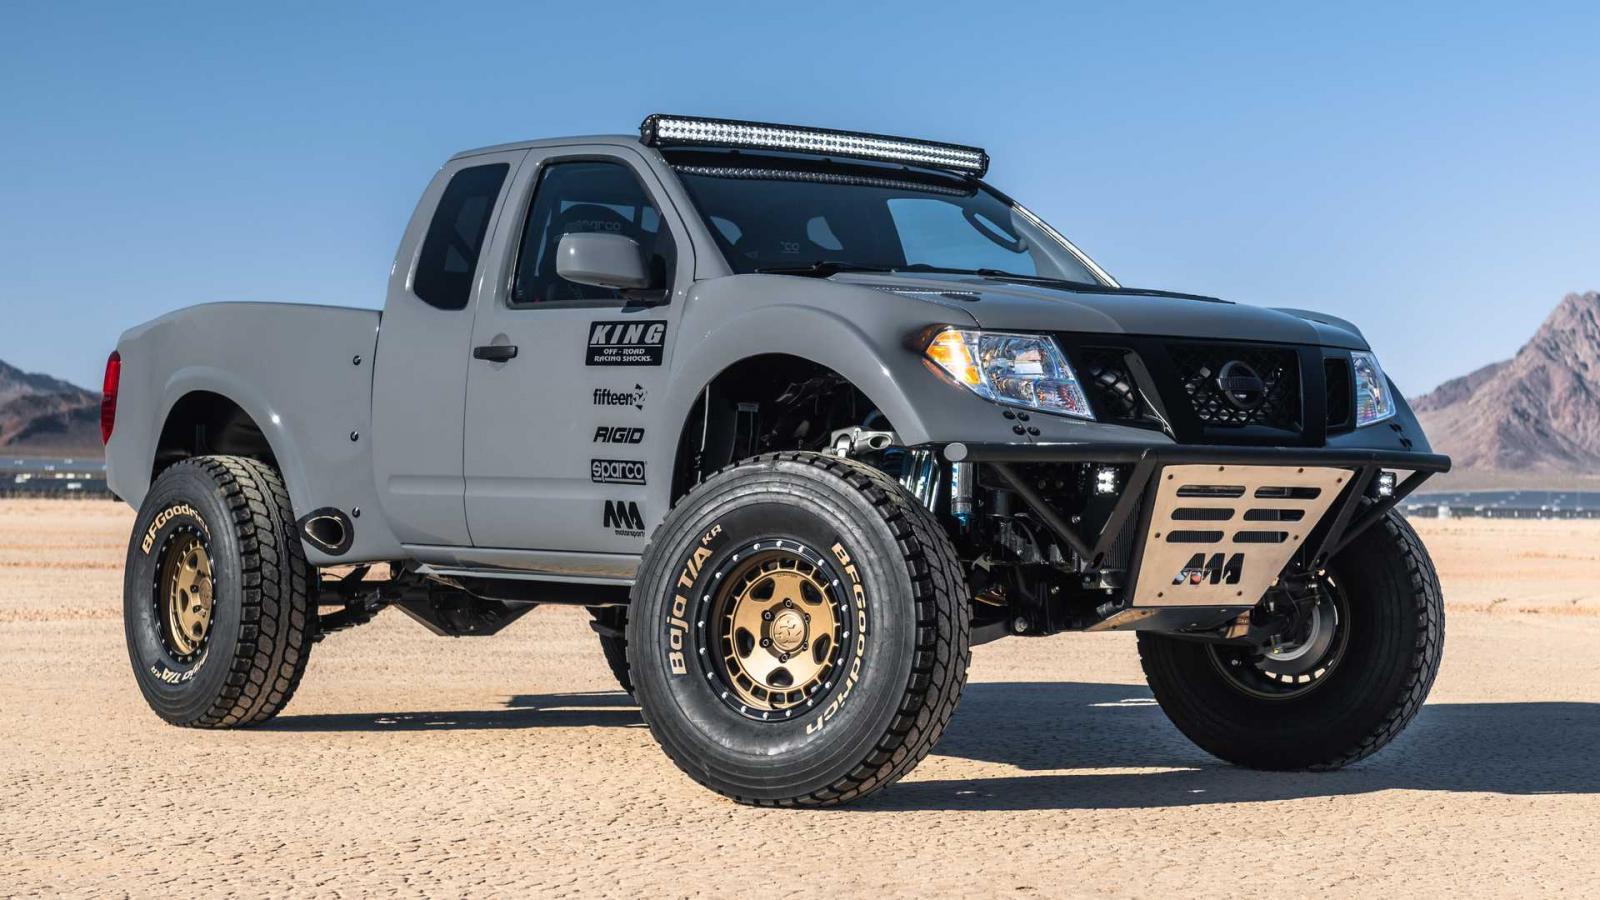 La Nissan Frontier Desert Runner lleva placas en la zona baja para proteger algunos componentes fundamentales de los impactos